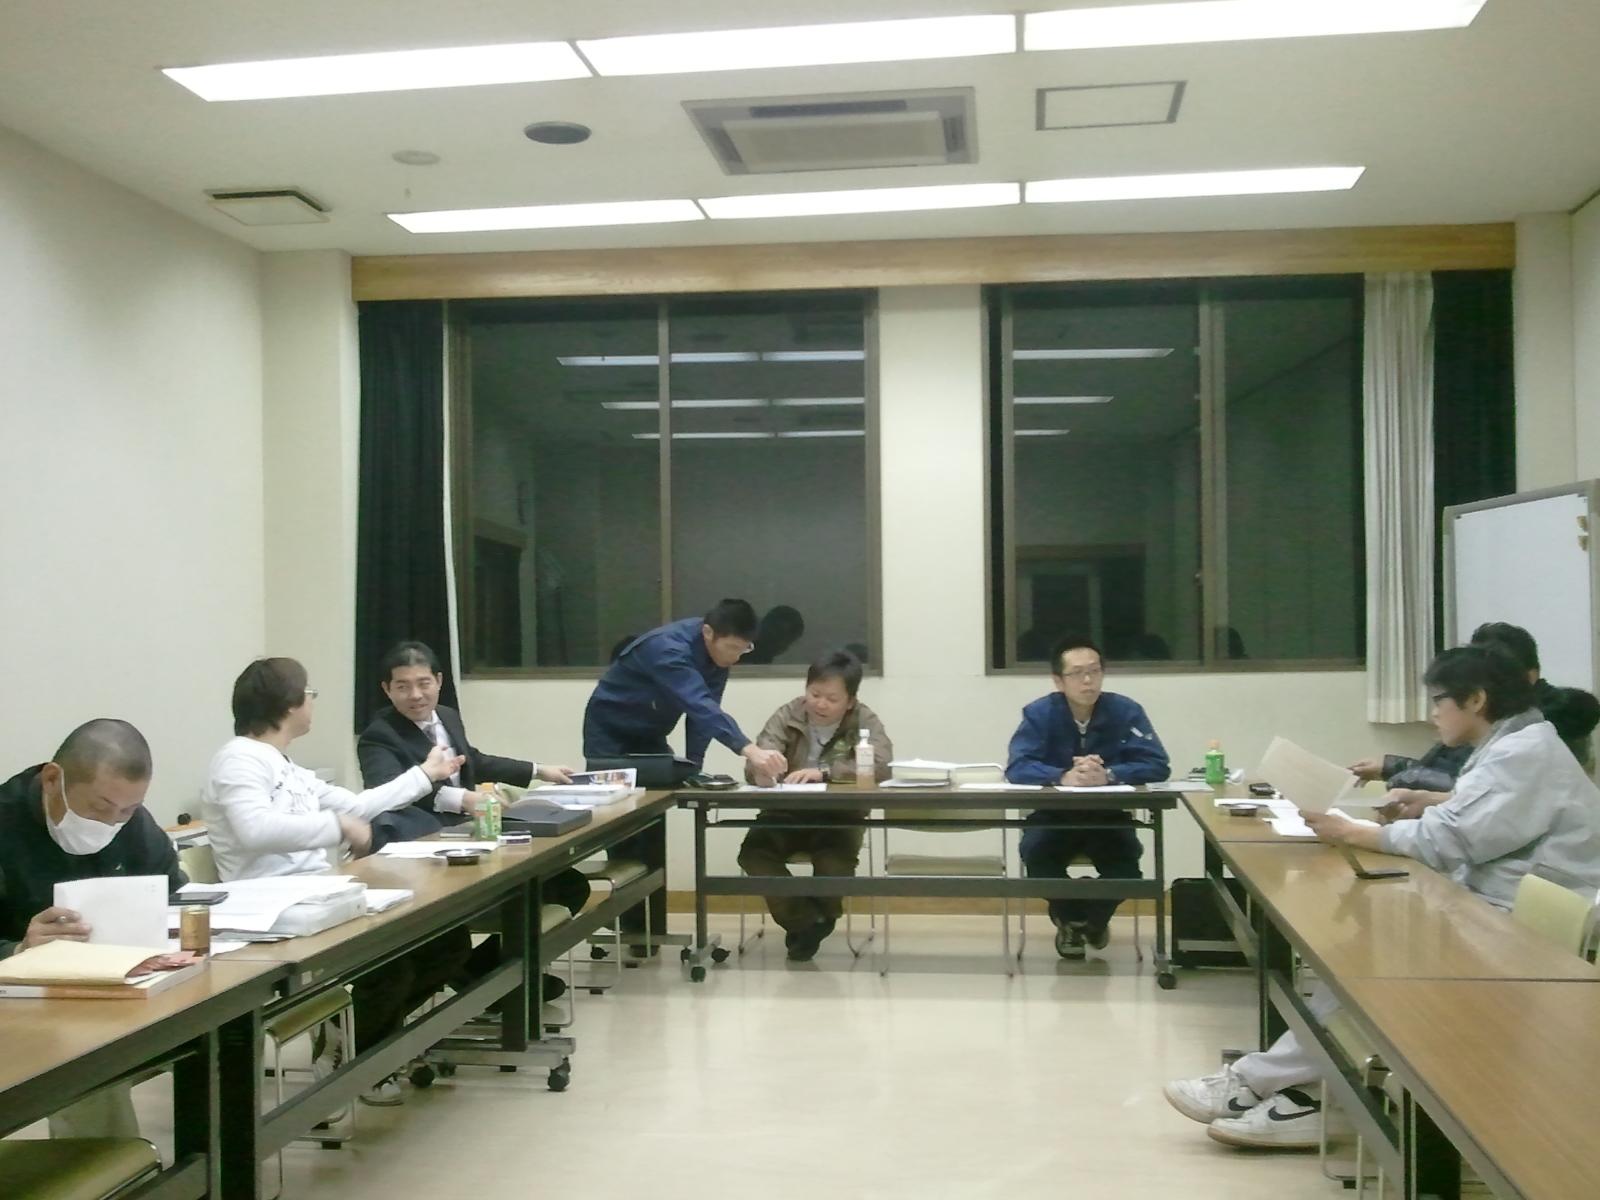 2012-02-21 20.32.31.jpg